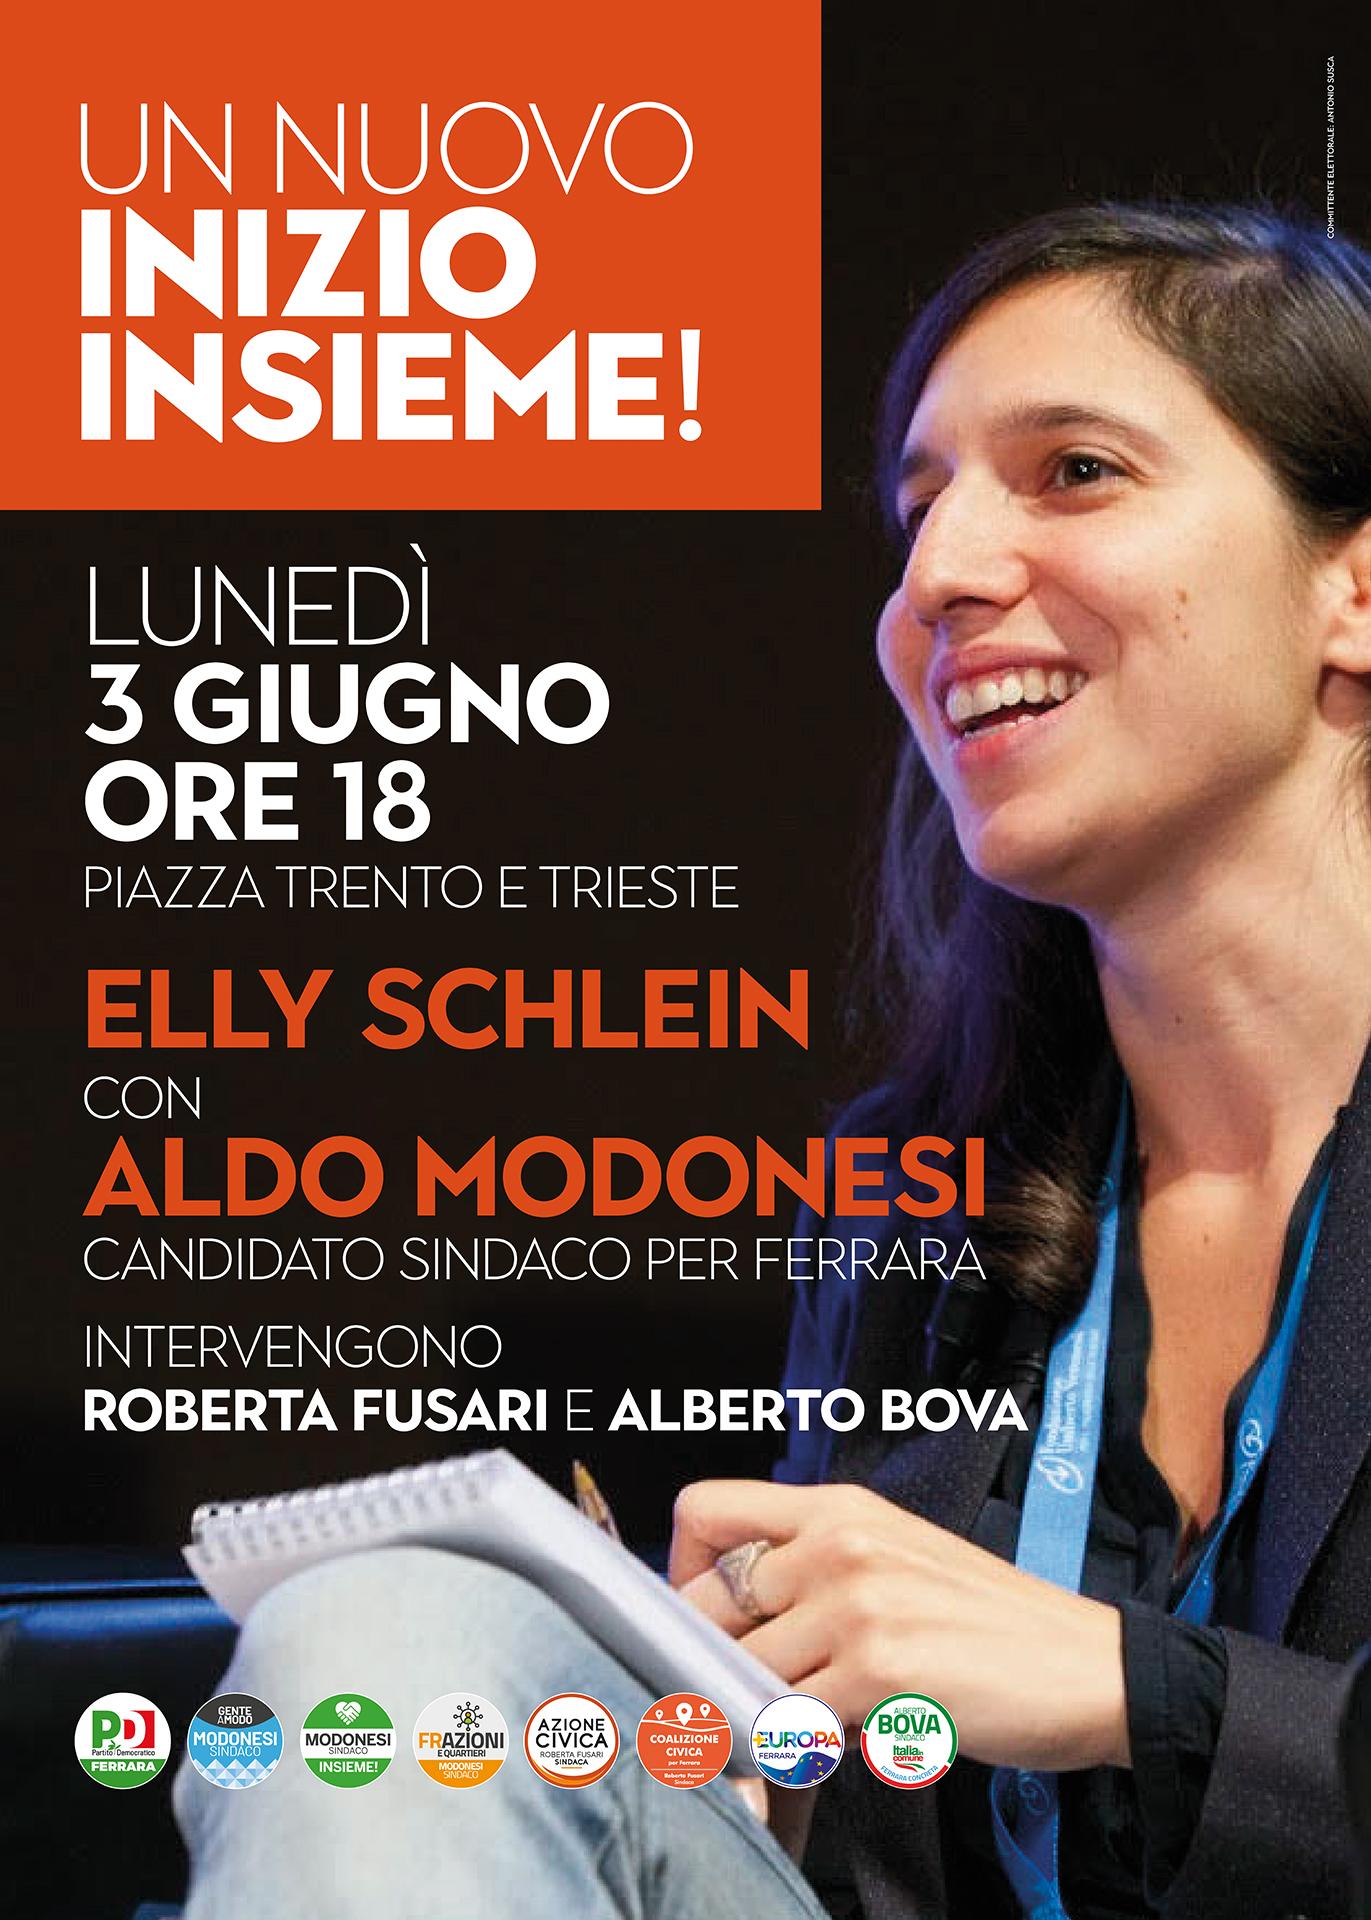 Elly Schlein A Ferrara